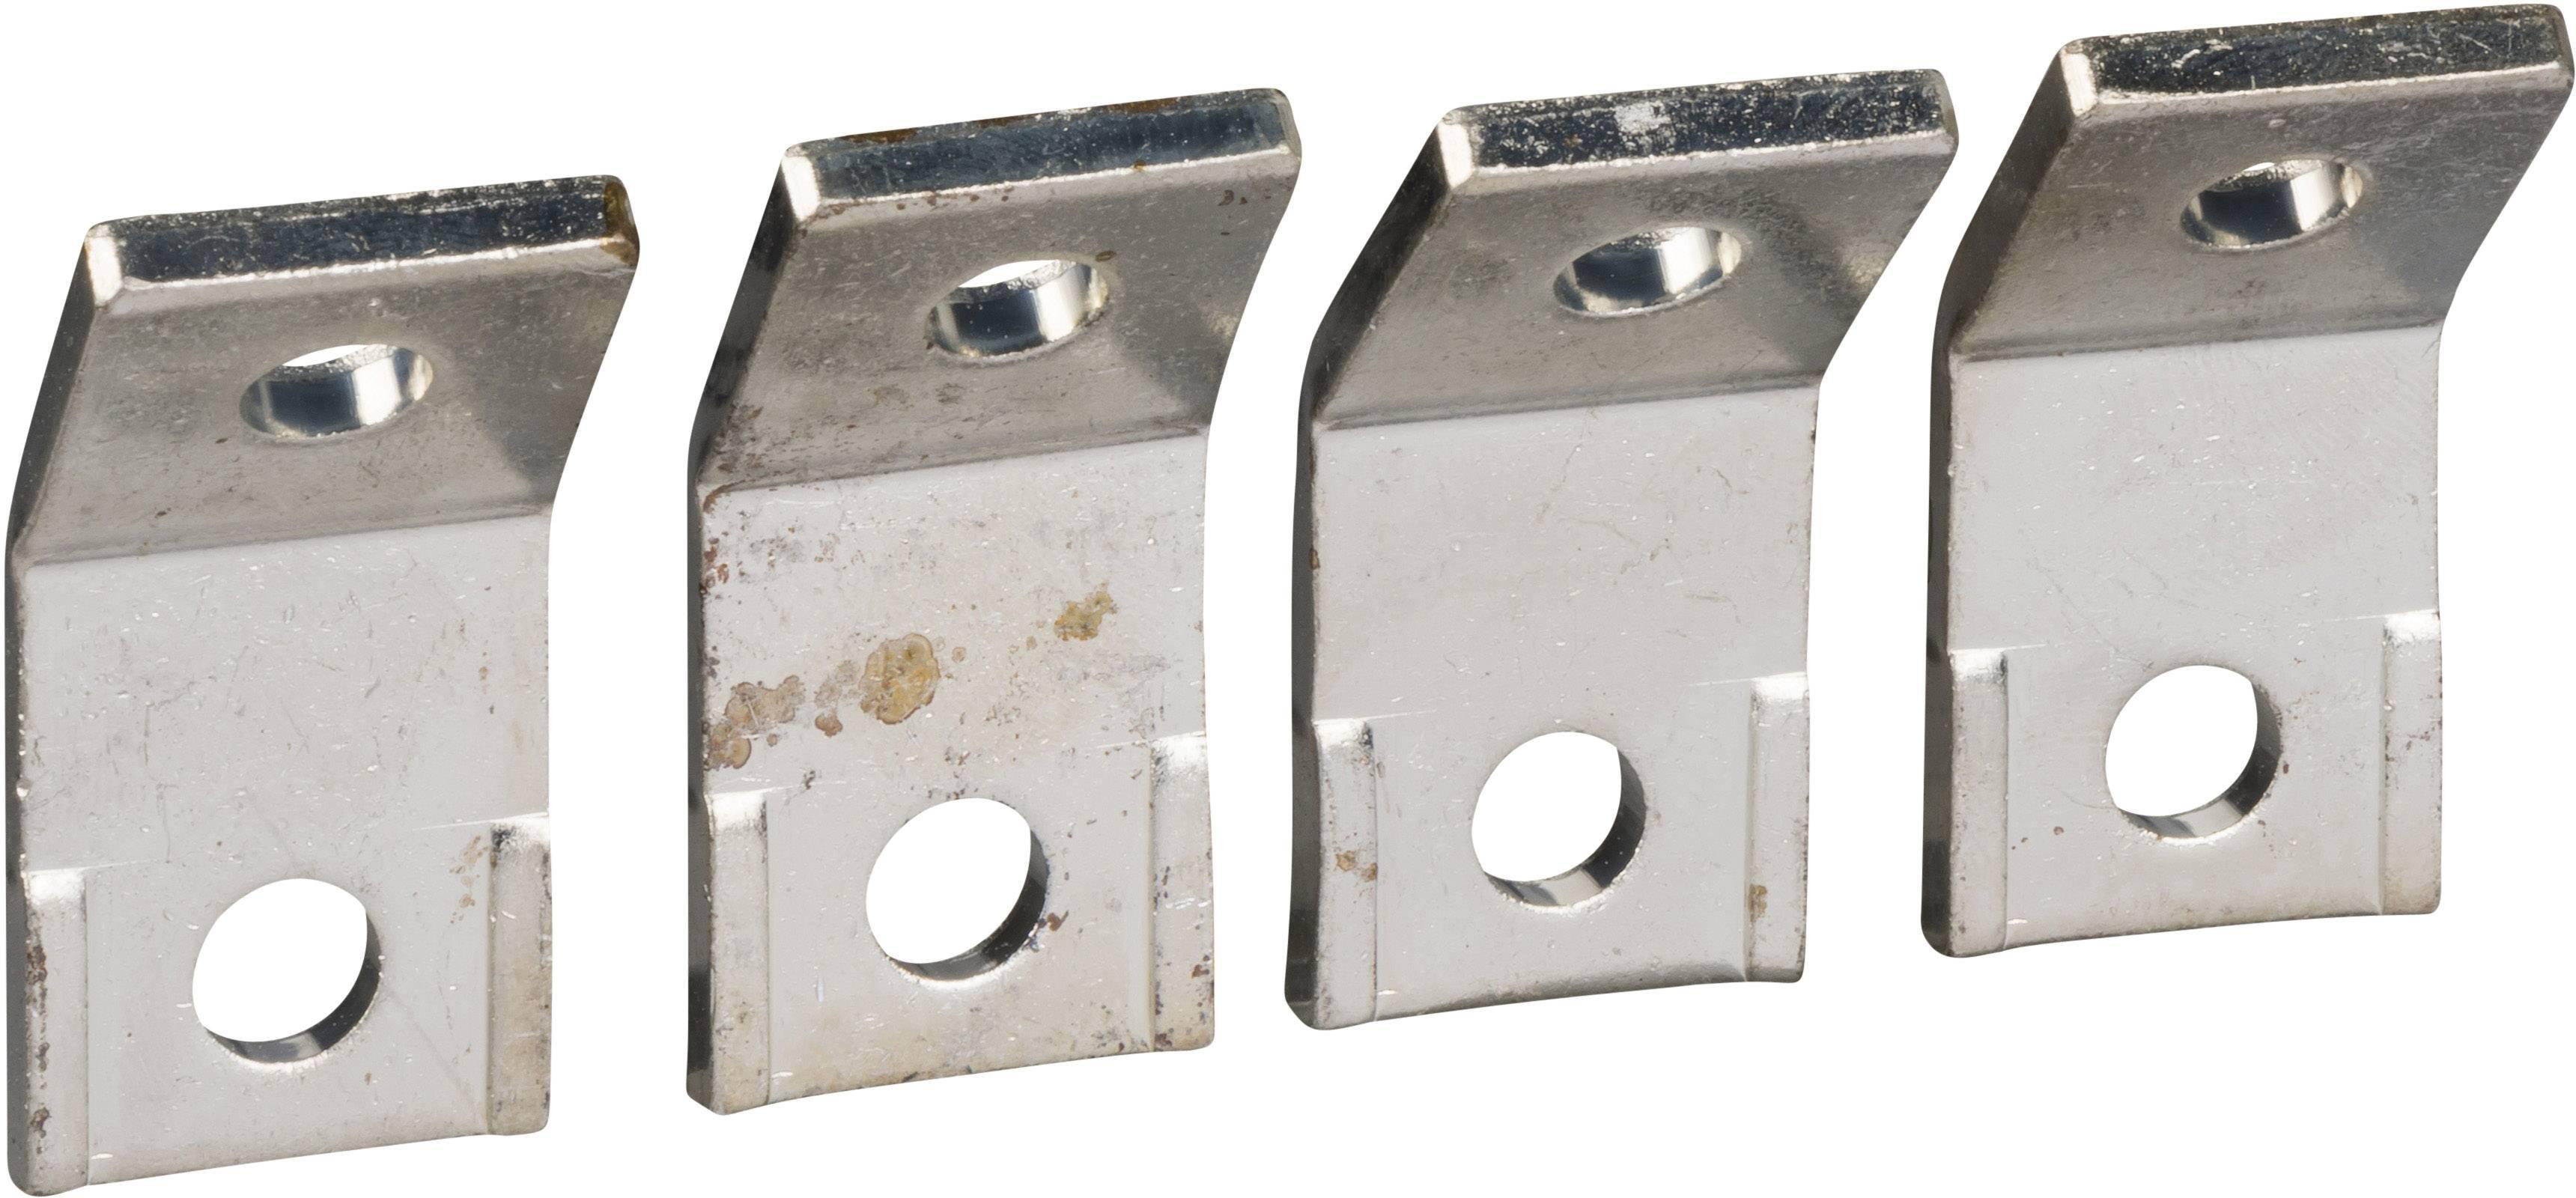 Prodloužení přípojek Schneider Electric LV429224 LV429224, 250 A, 1 ks